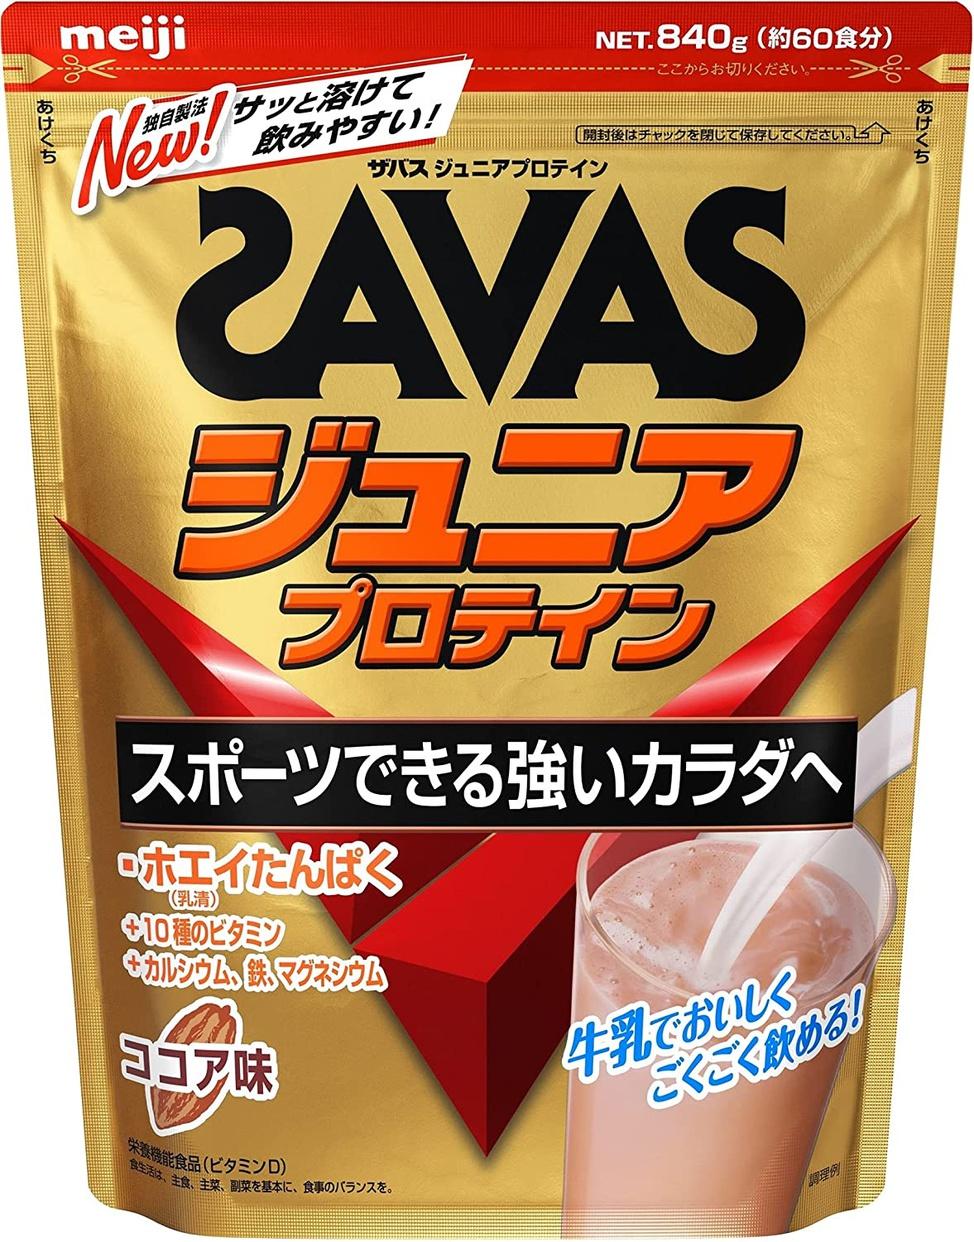 SAVAS(ザバス) ジュニアプロテインの商品画像